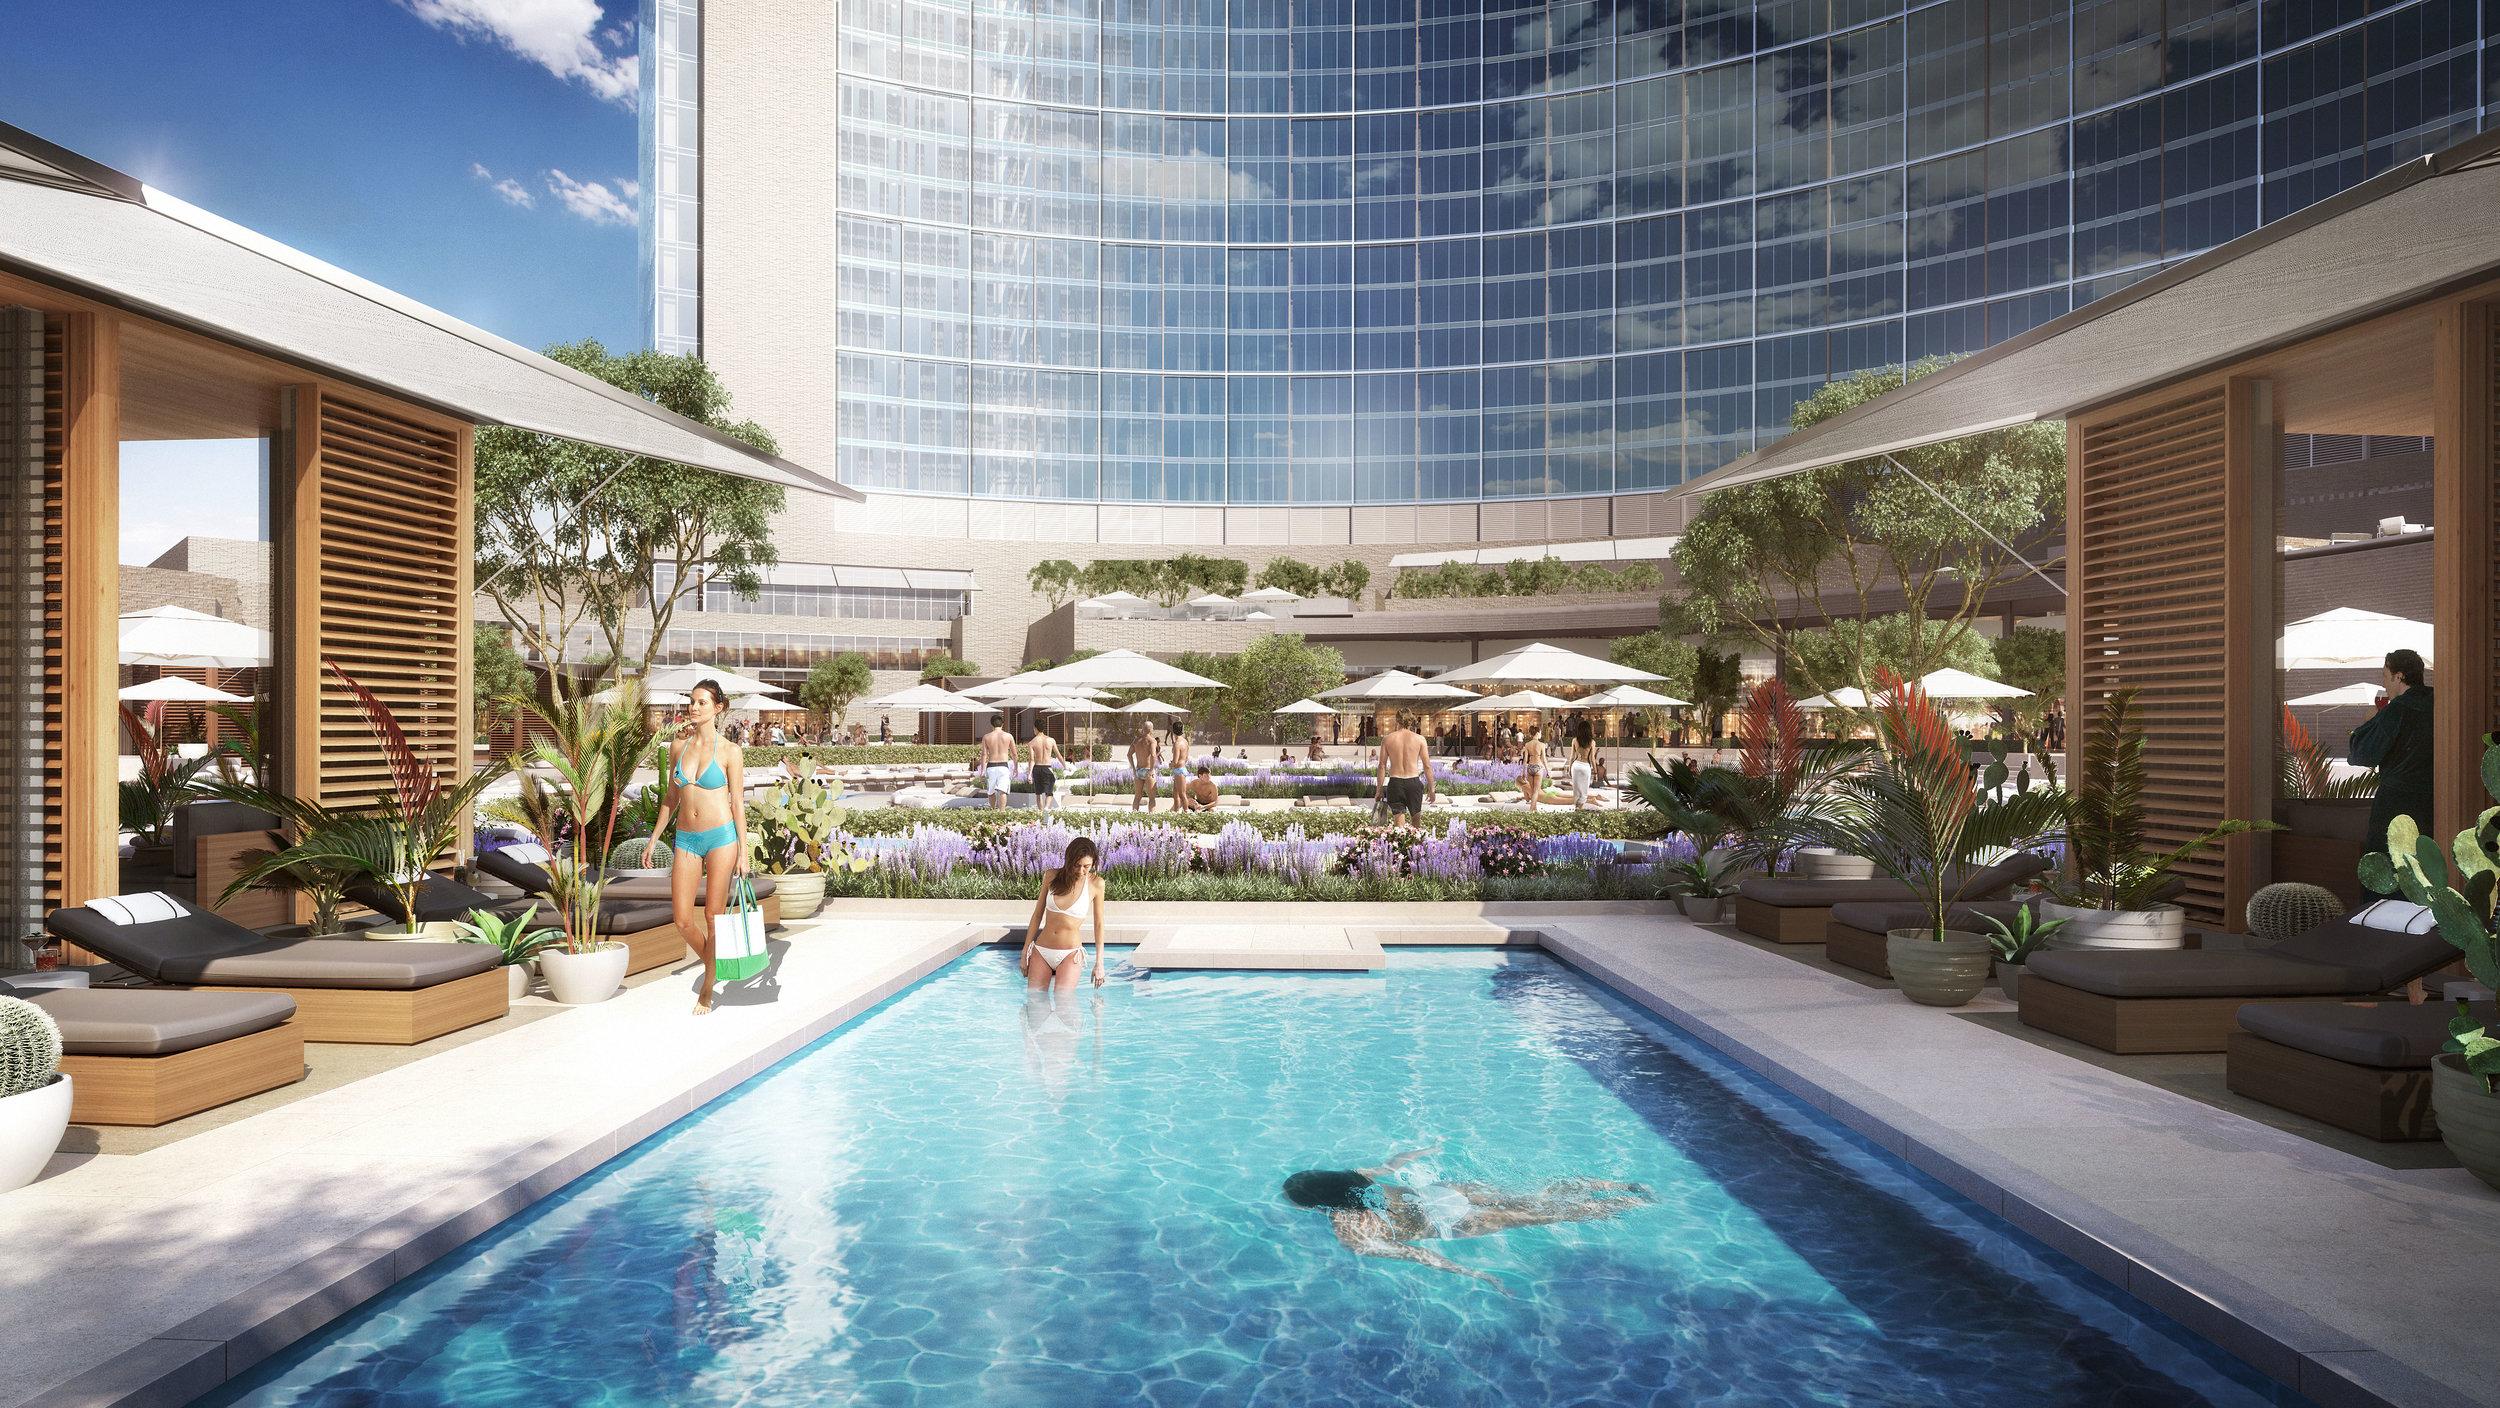 BOX_ AD_Las Vegas_Main Pool-pm revised.jpg